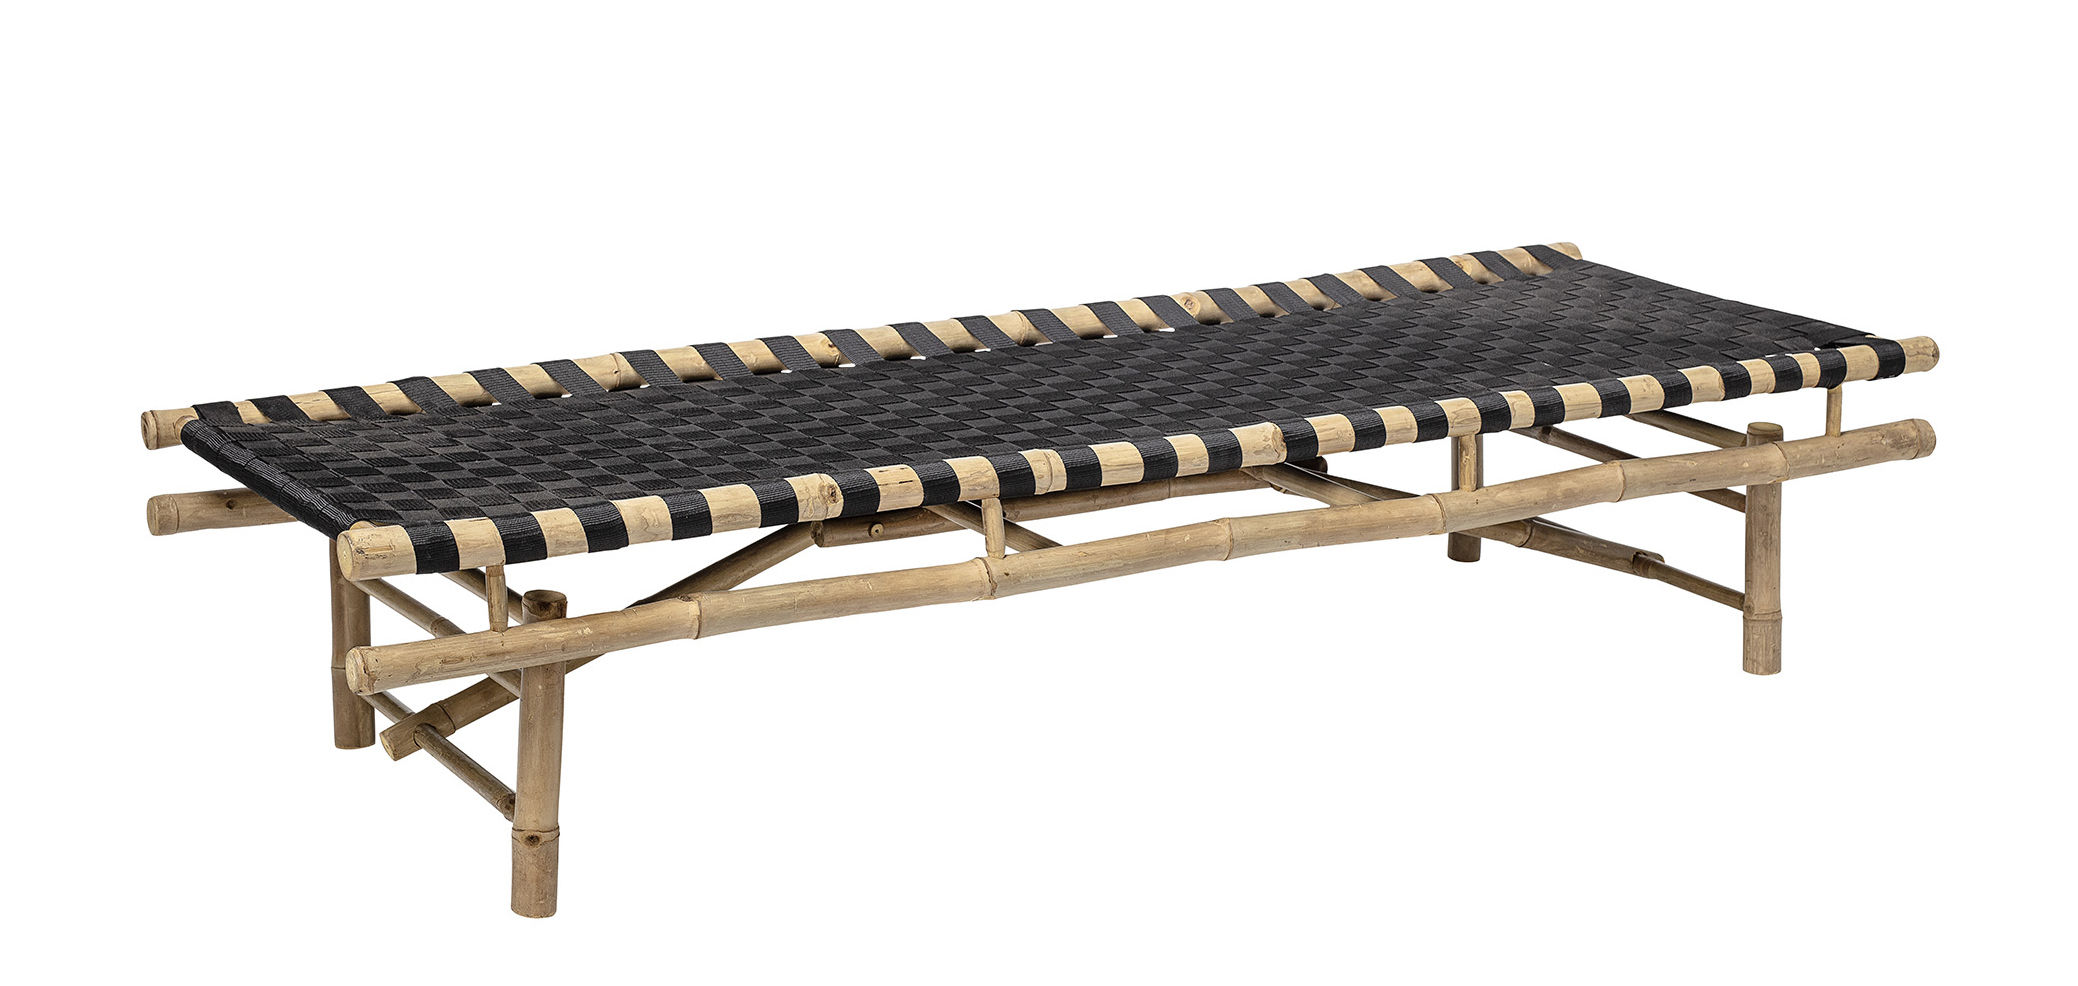 lit de jour vida bloomingville bois naturel made in design. Black Bedroom Furniture Sets. Home Design Ideas